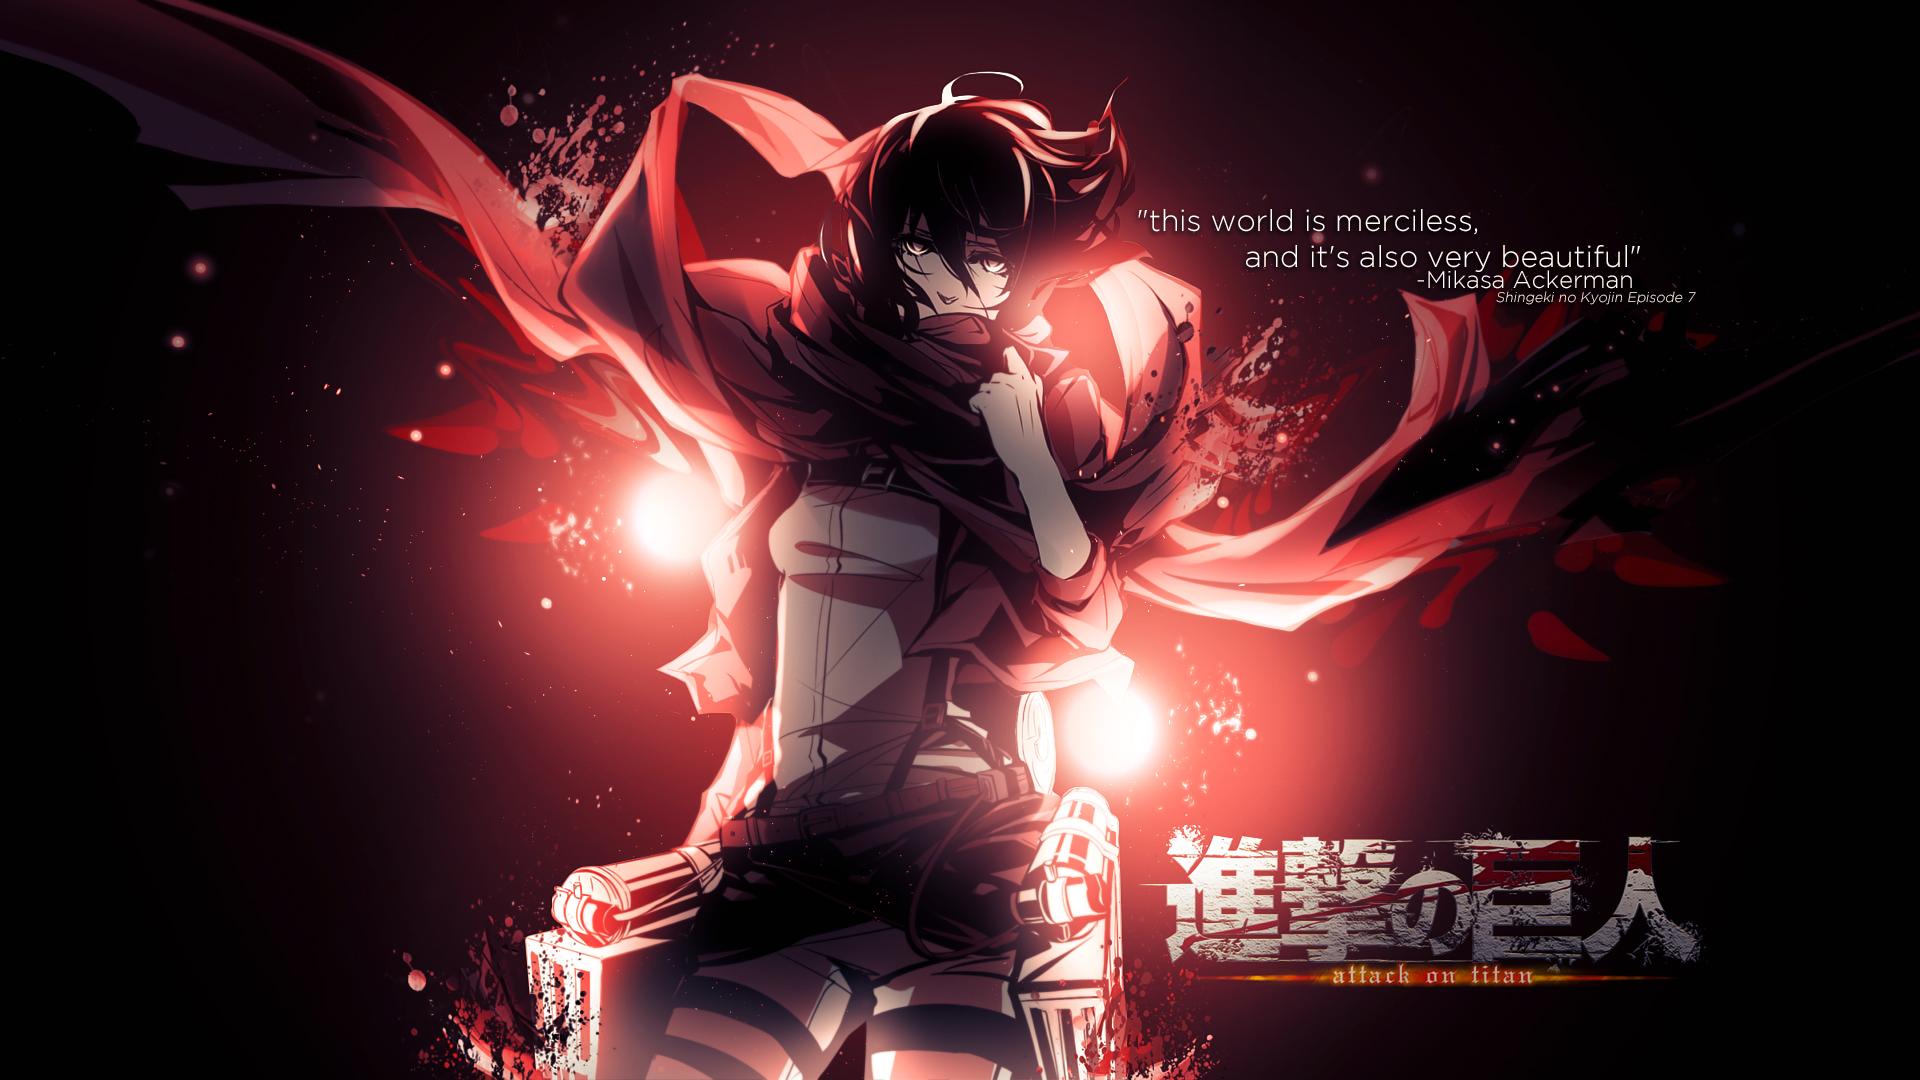 Shingeki no Kyojin Attack on titan images Shingeki no Kyojin [Mikasa 1920x1080